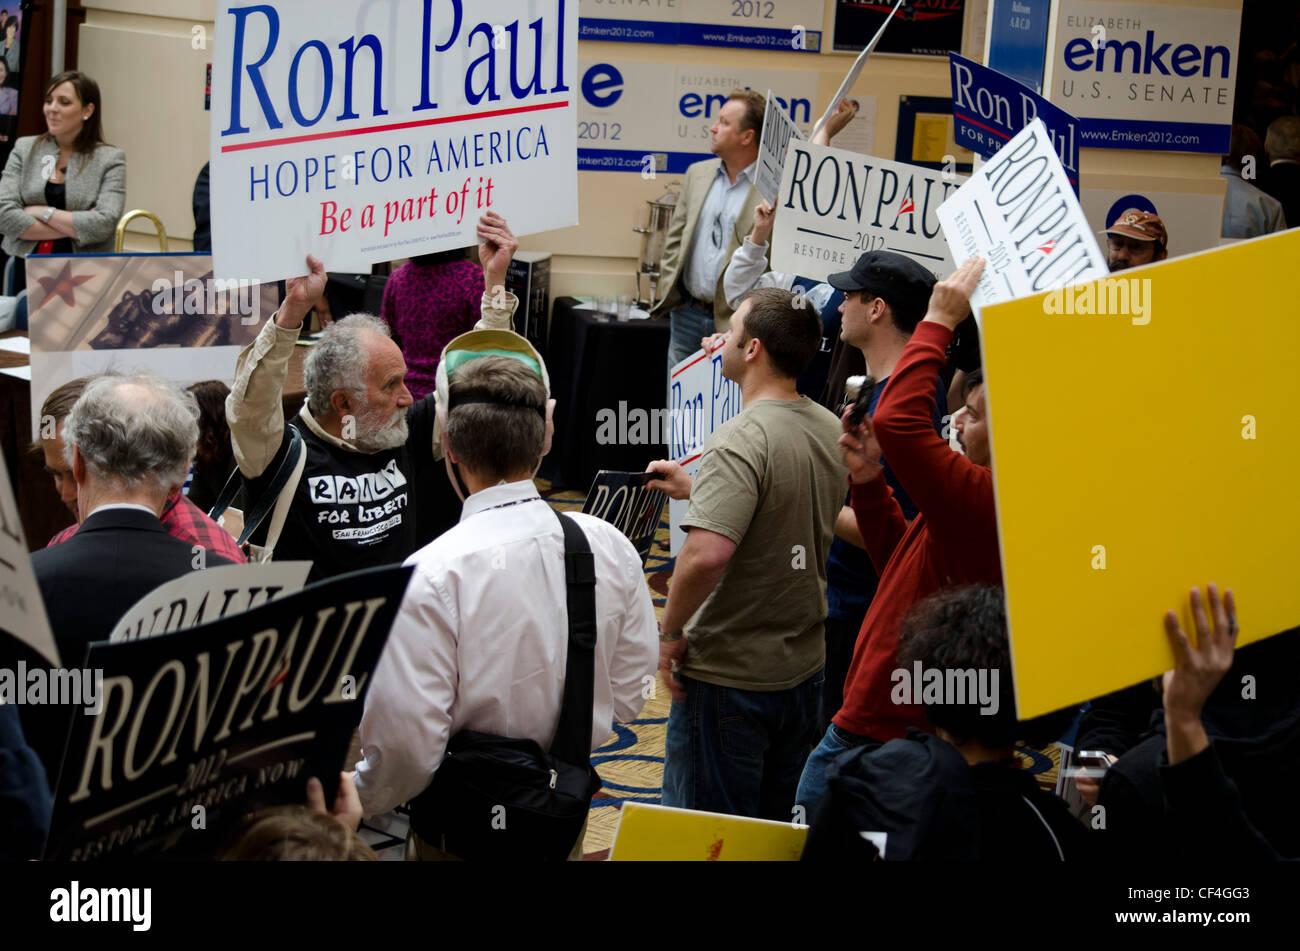 Ron Paul Unterstützer bei der California State GOP Convention 25.02.2012. Stockfoto